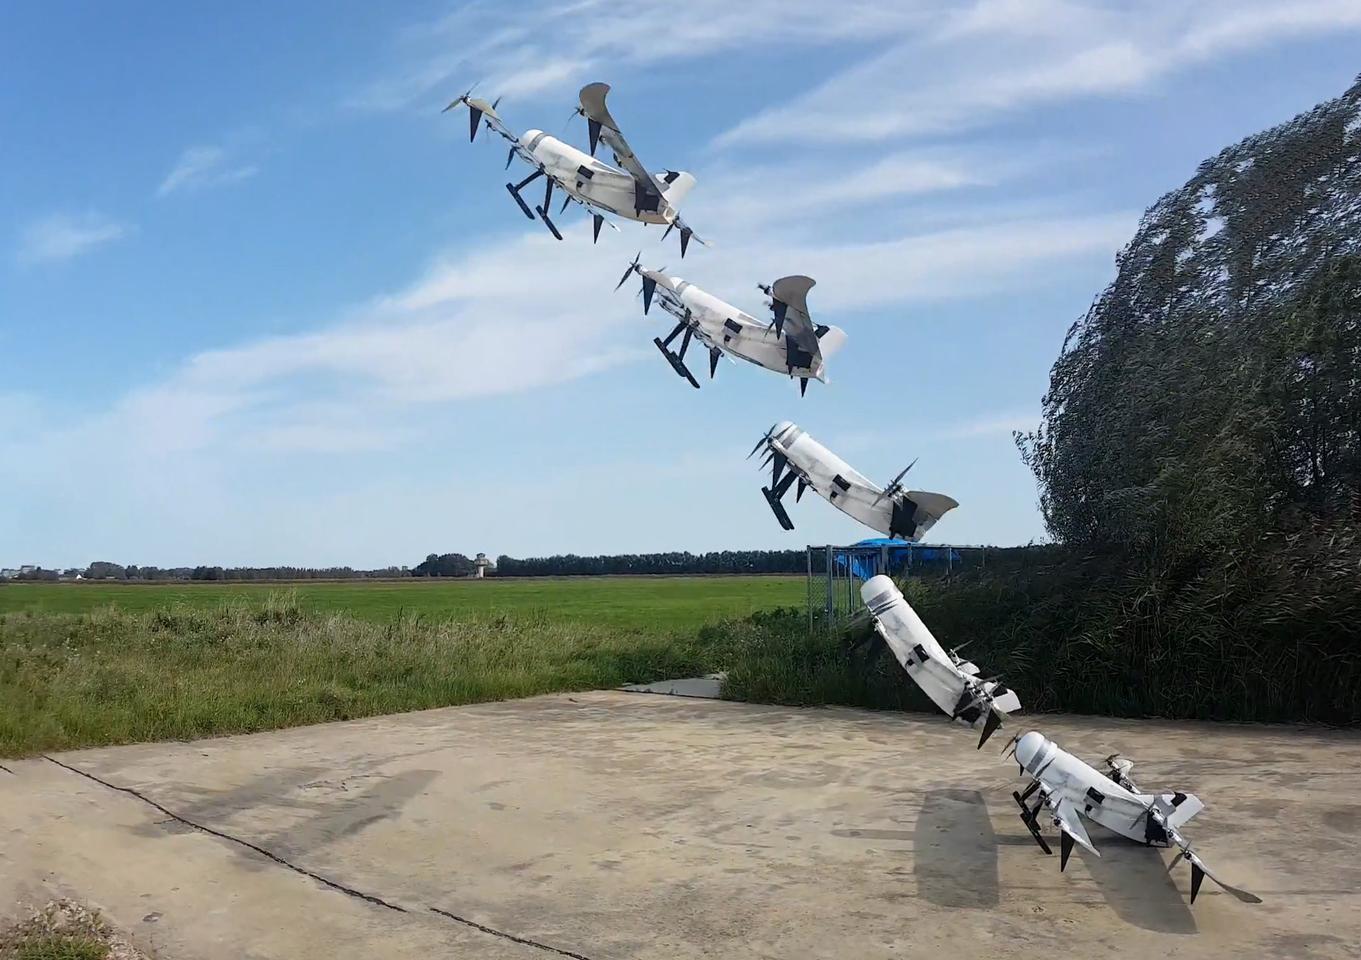 پرواز 3.5 ساعته هواپیماهای بدون سرنشین نسل جدید VTOL با انرژی هیدروژن هلی کوپتر پهپاد